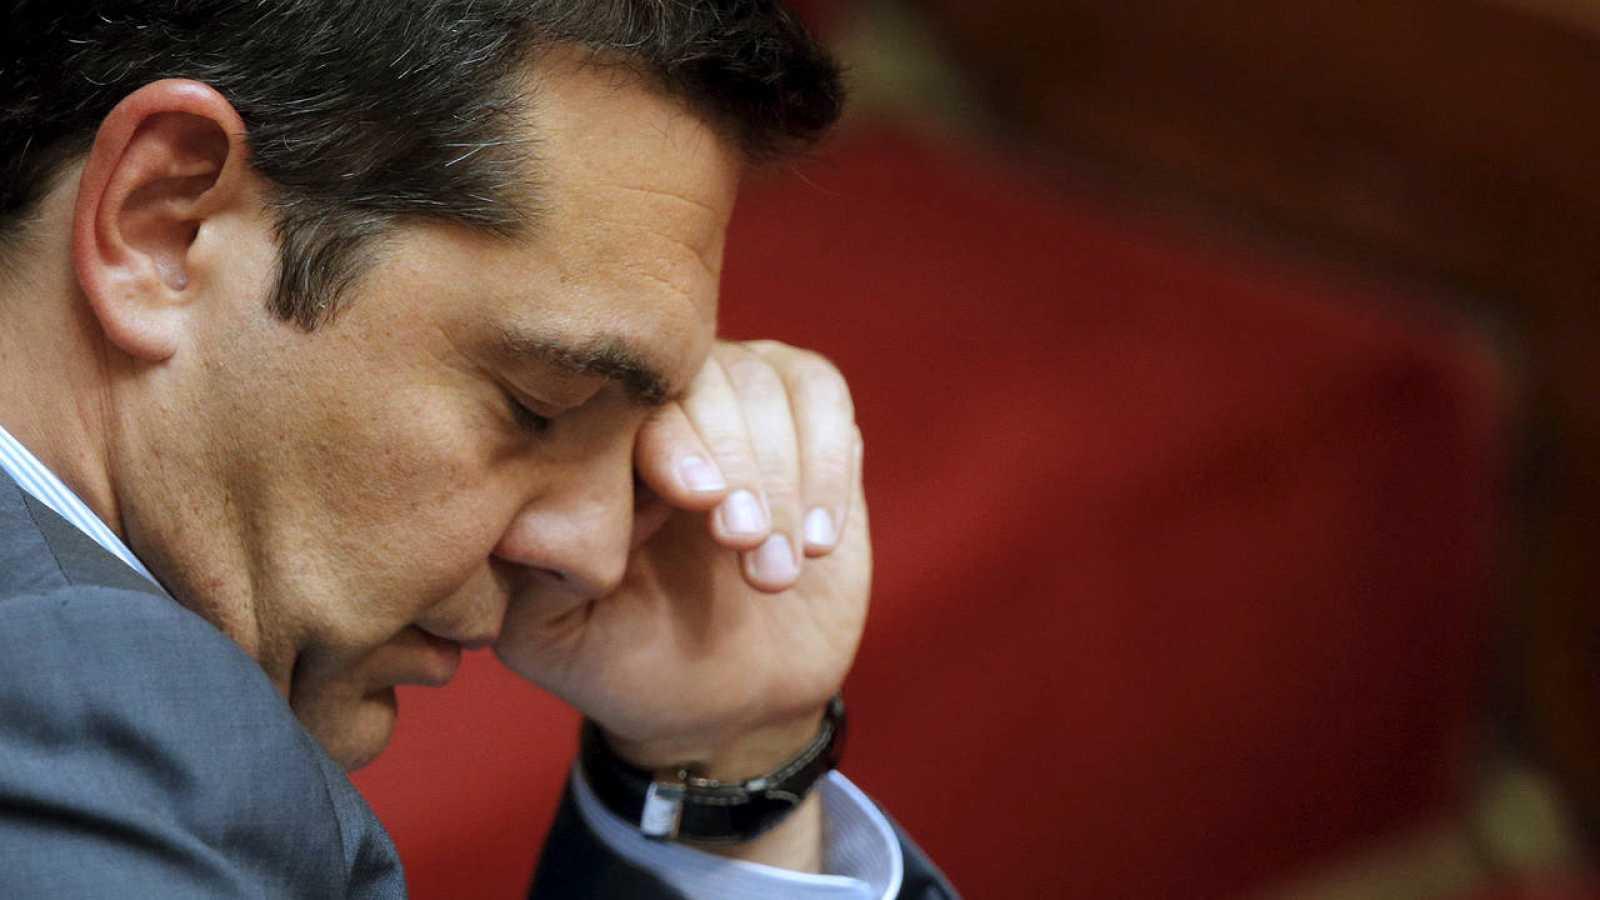 El primer ministro griego, Alexis Tsipras, durante la votación del rescate en el Parlamento